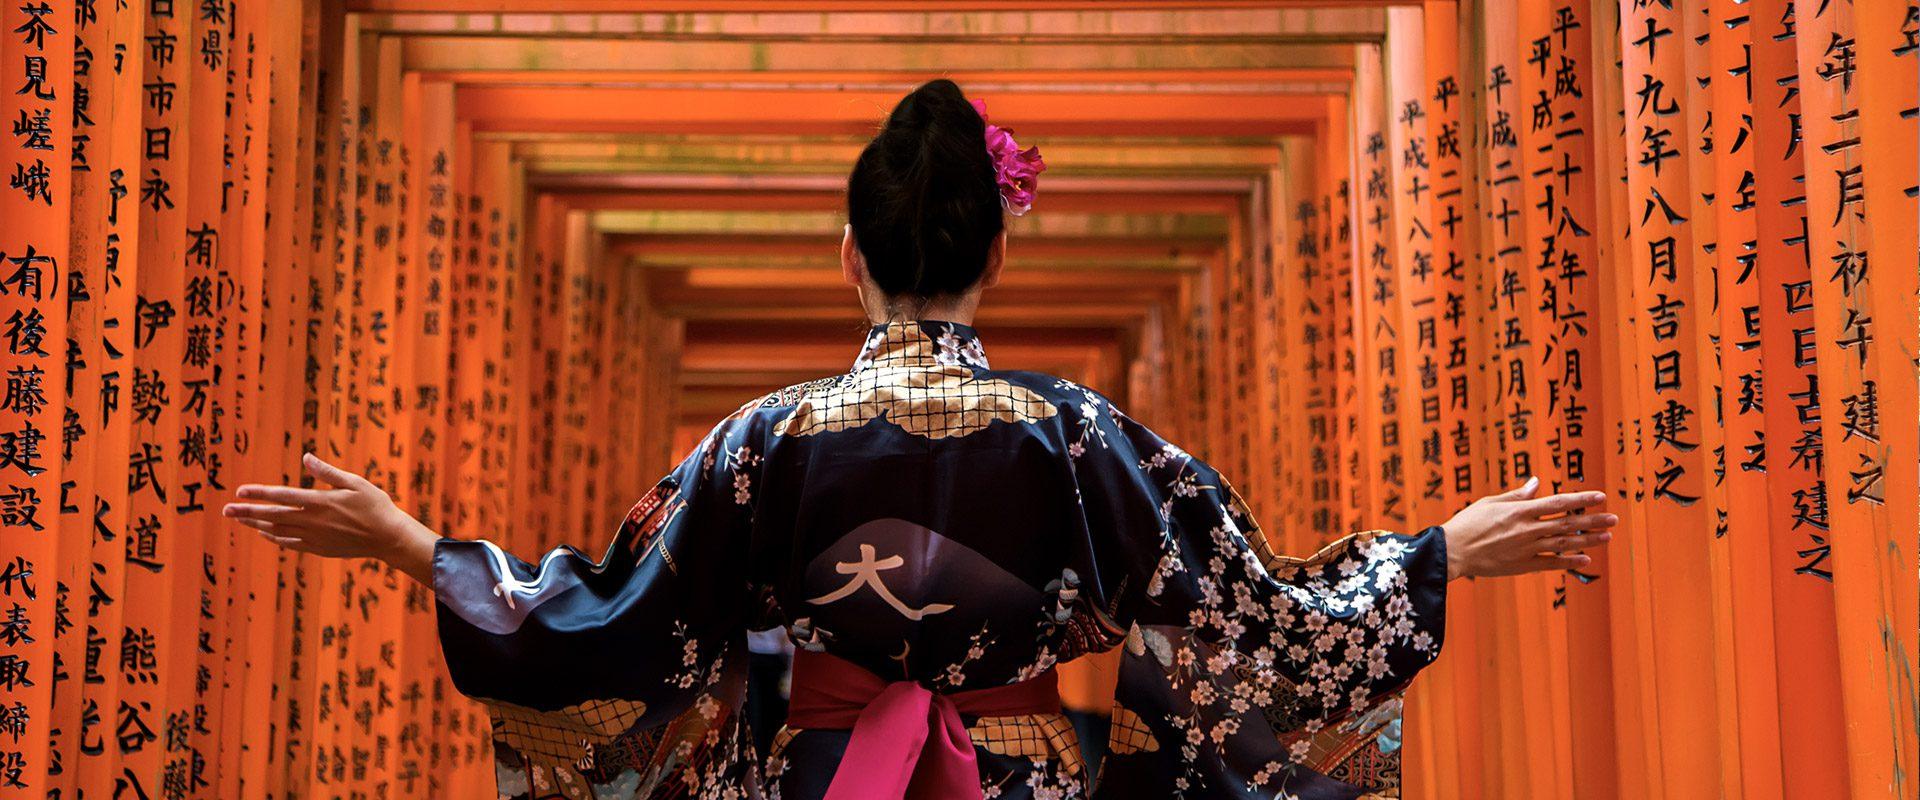 Viajeras con B Japón. Un viaje de revelación con Patricia Pérez.